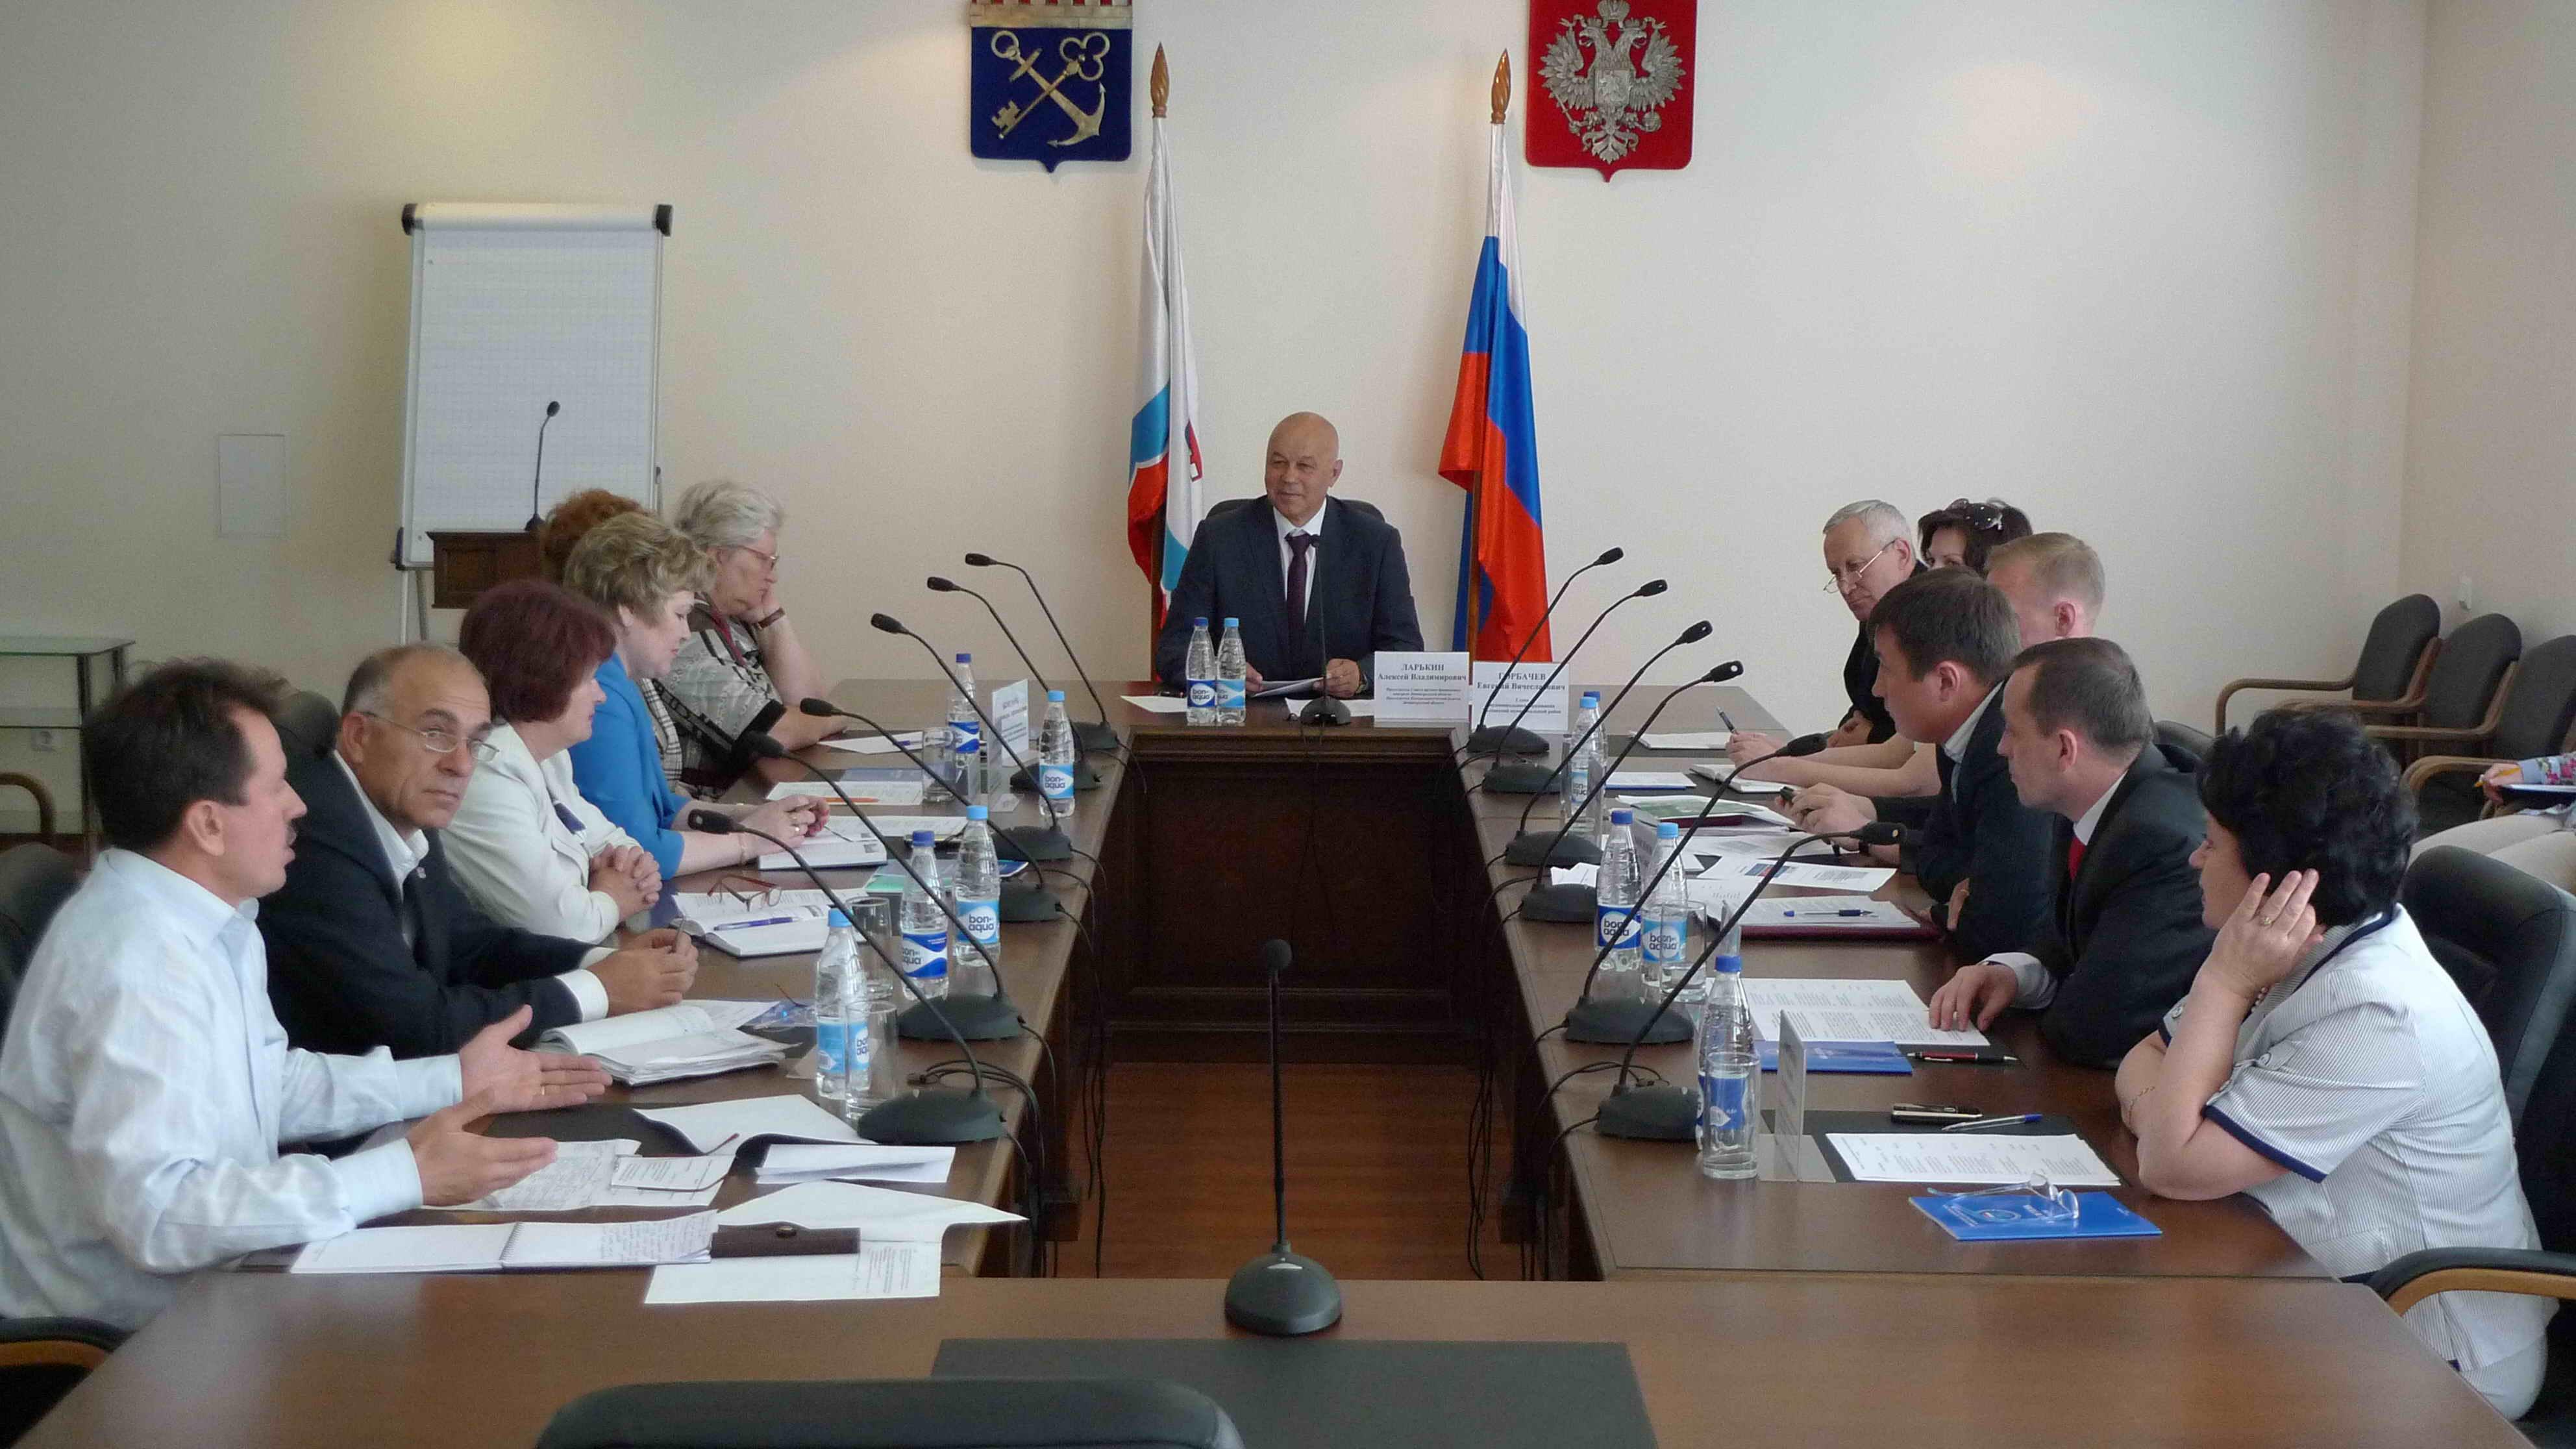 Контрольно счетная палата Ленинградской области Совет органов  Совещание совета органов финансового контроля Ленинградской области